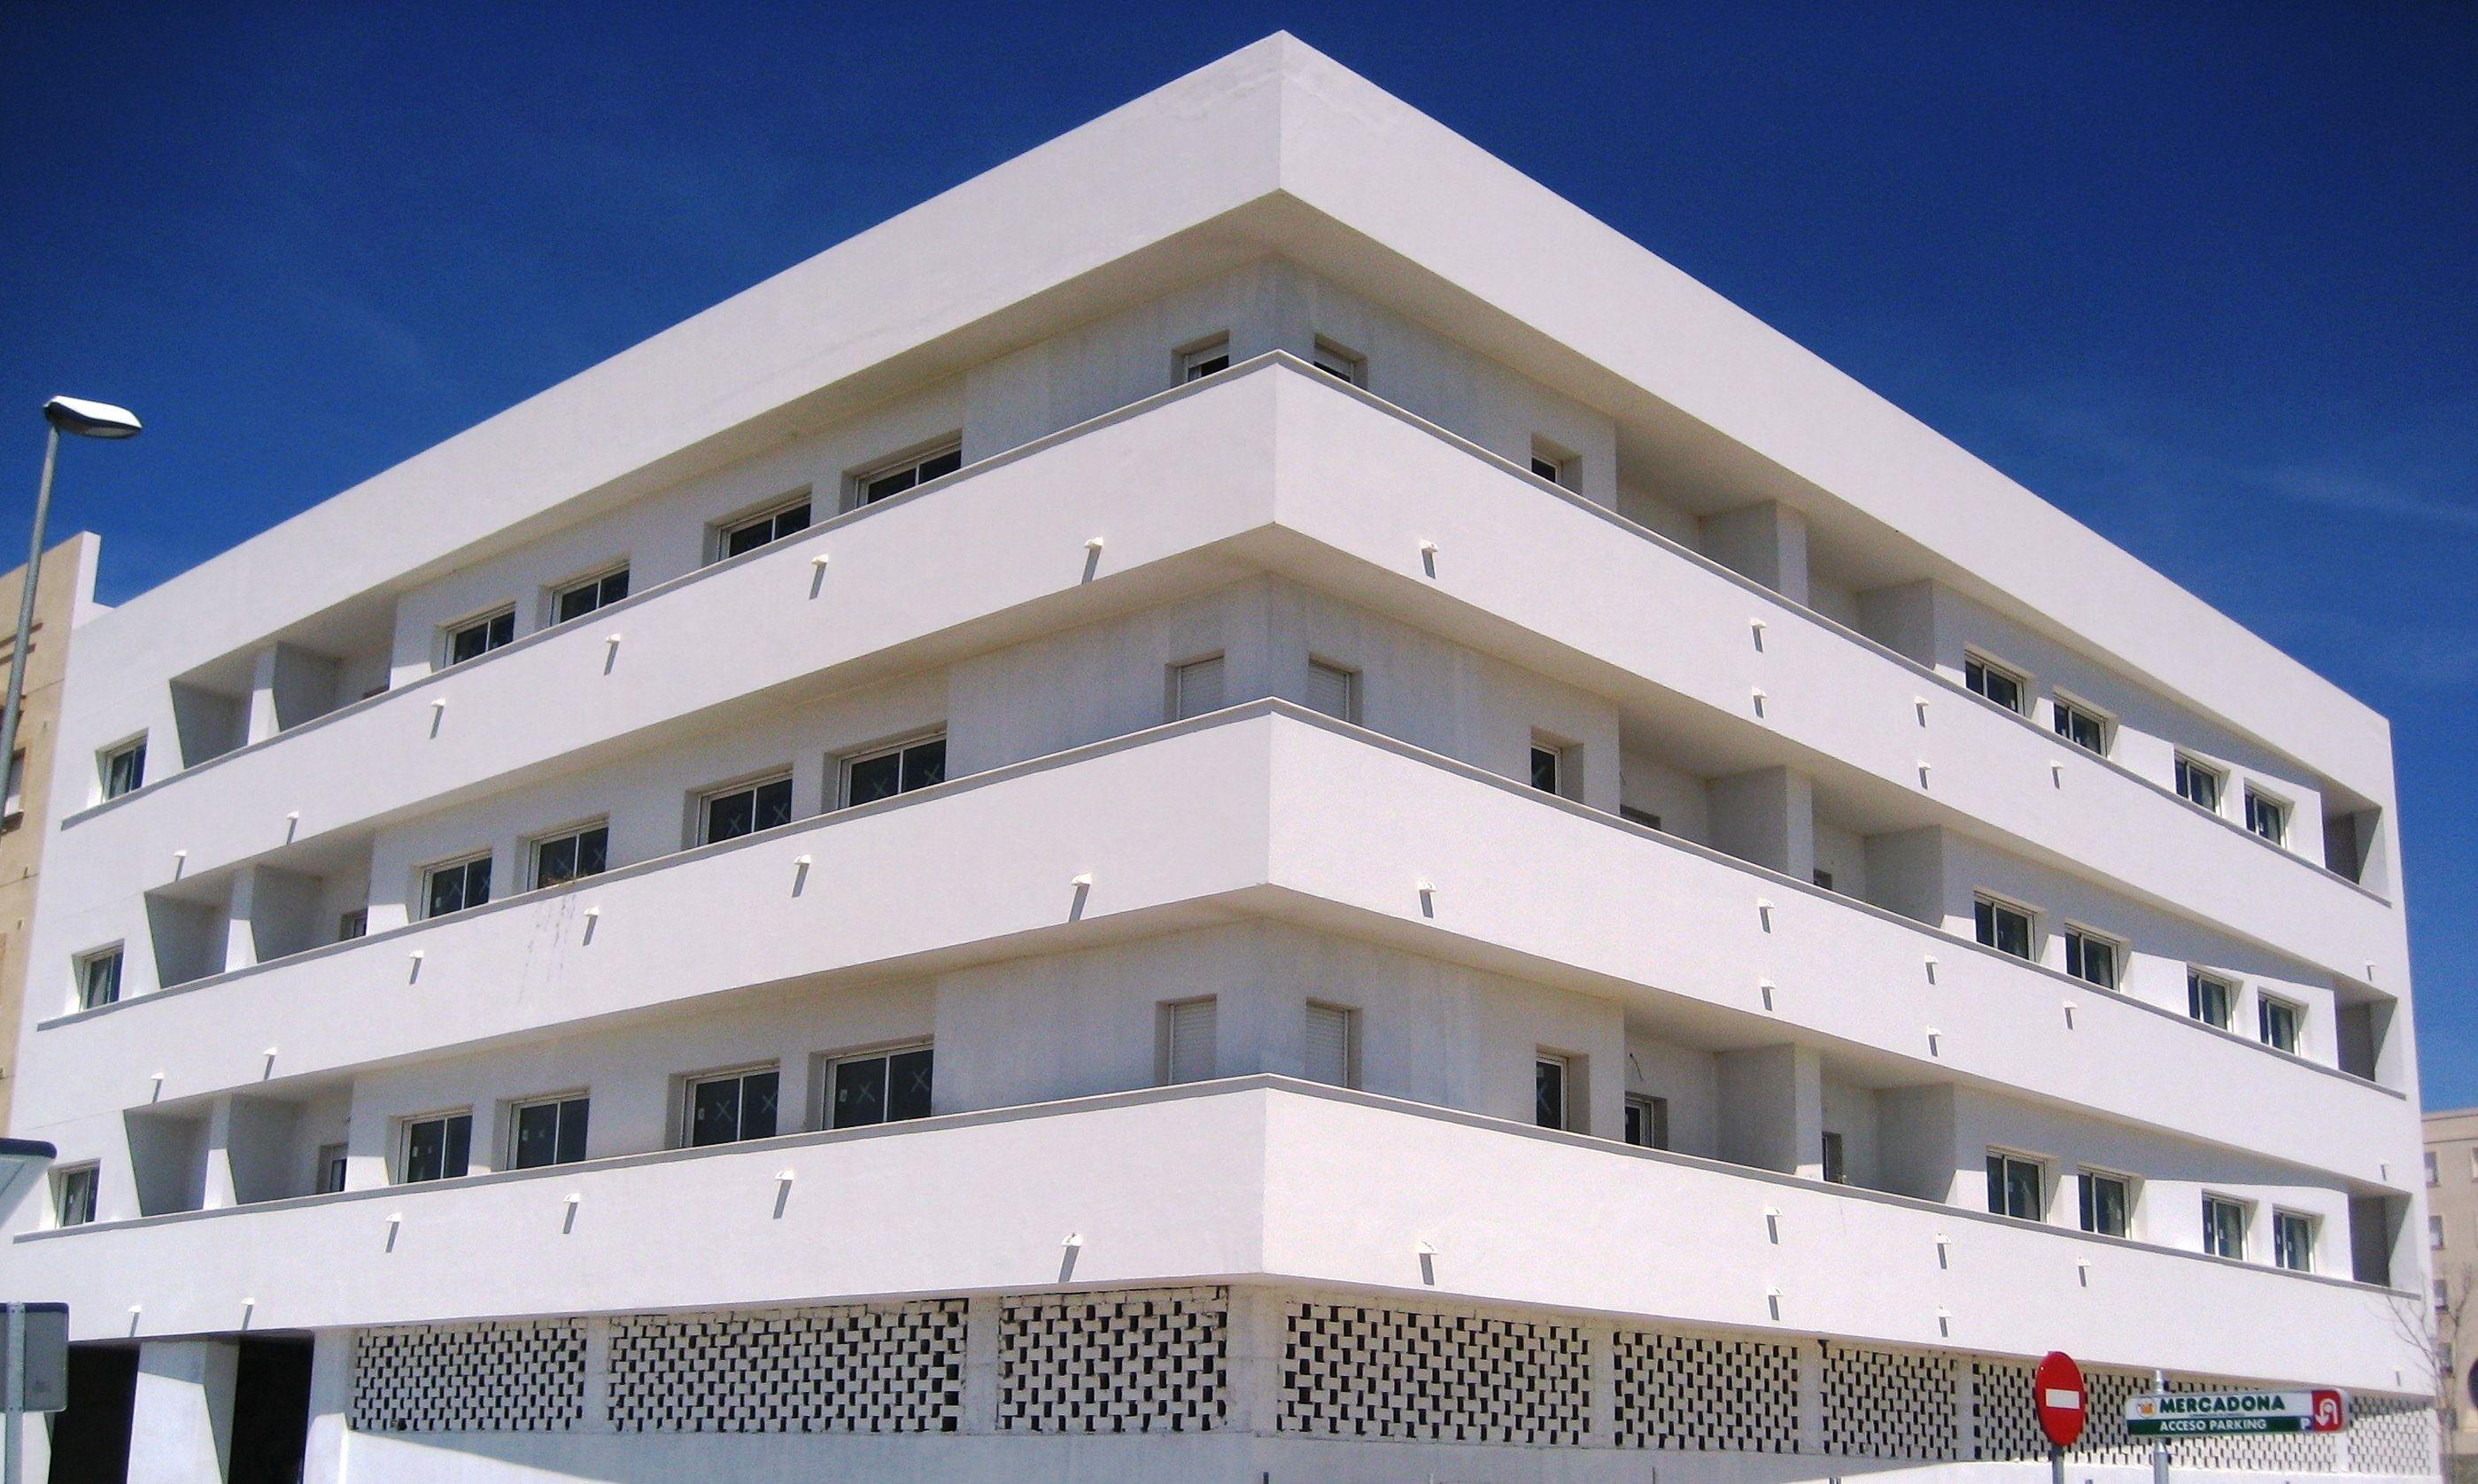 Edificios moderno exterior fachada edificios for Exterior edificios